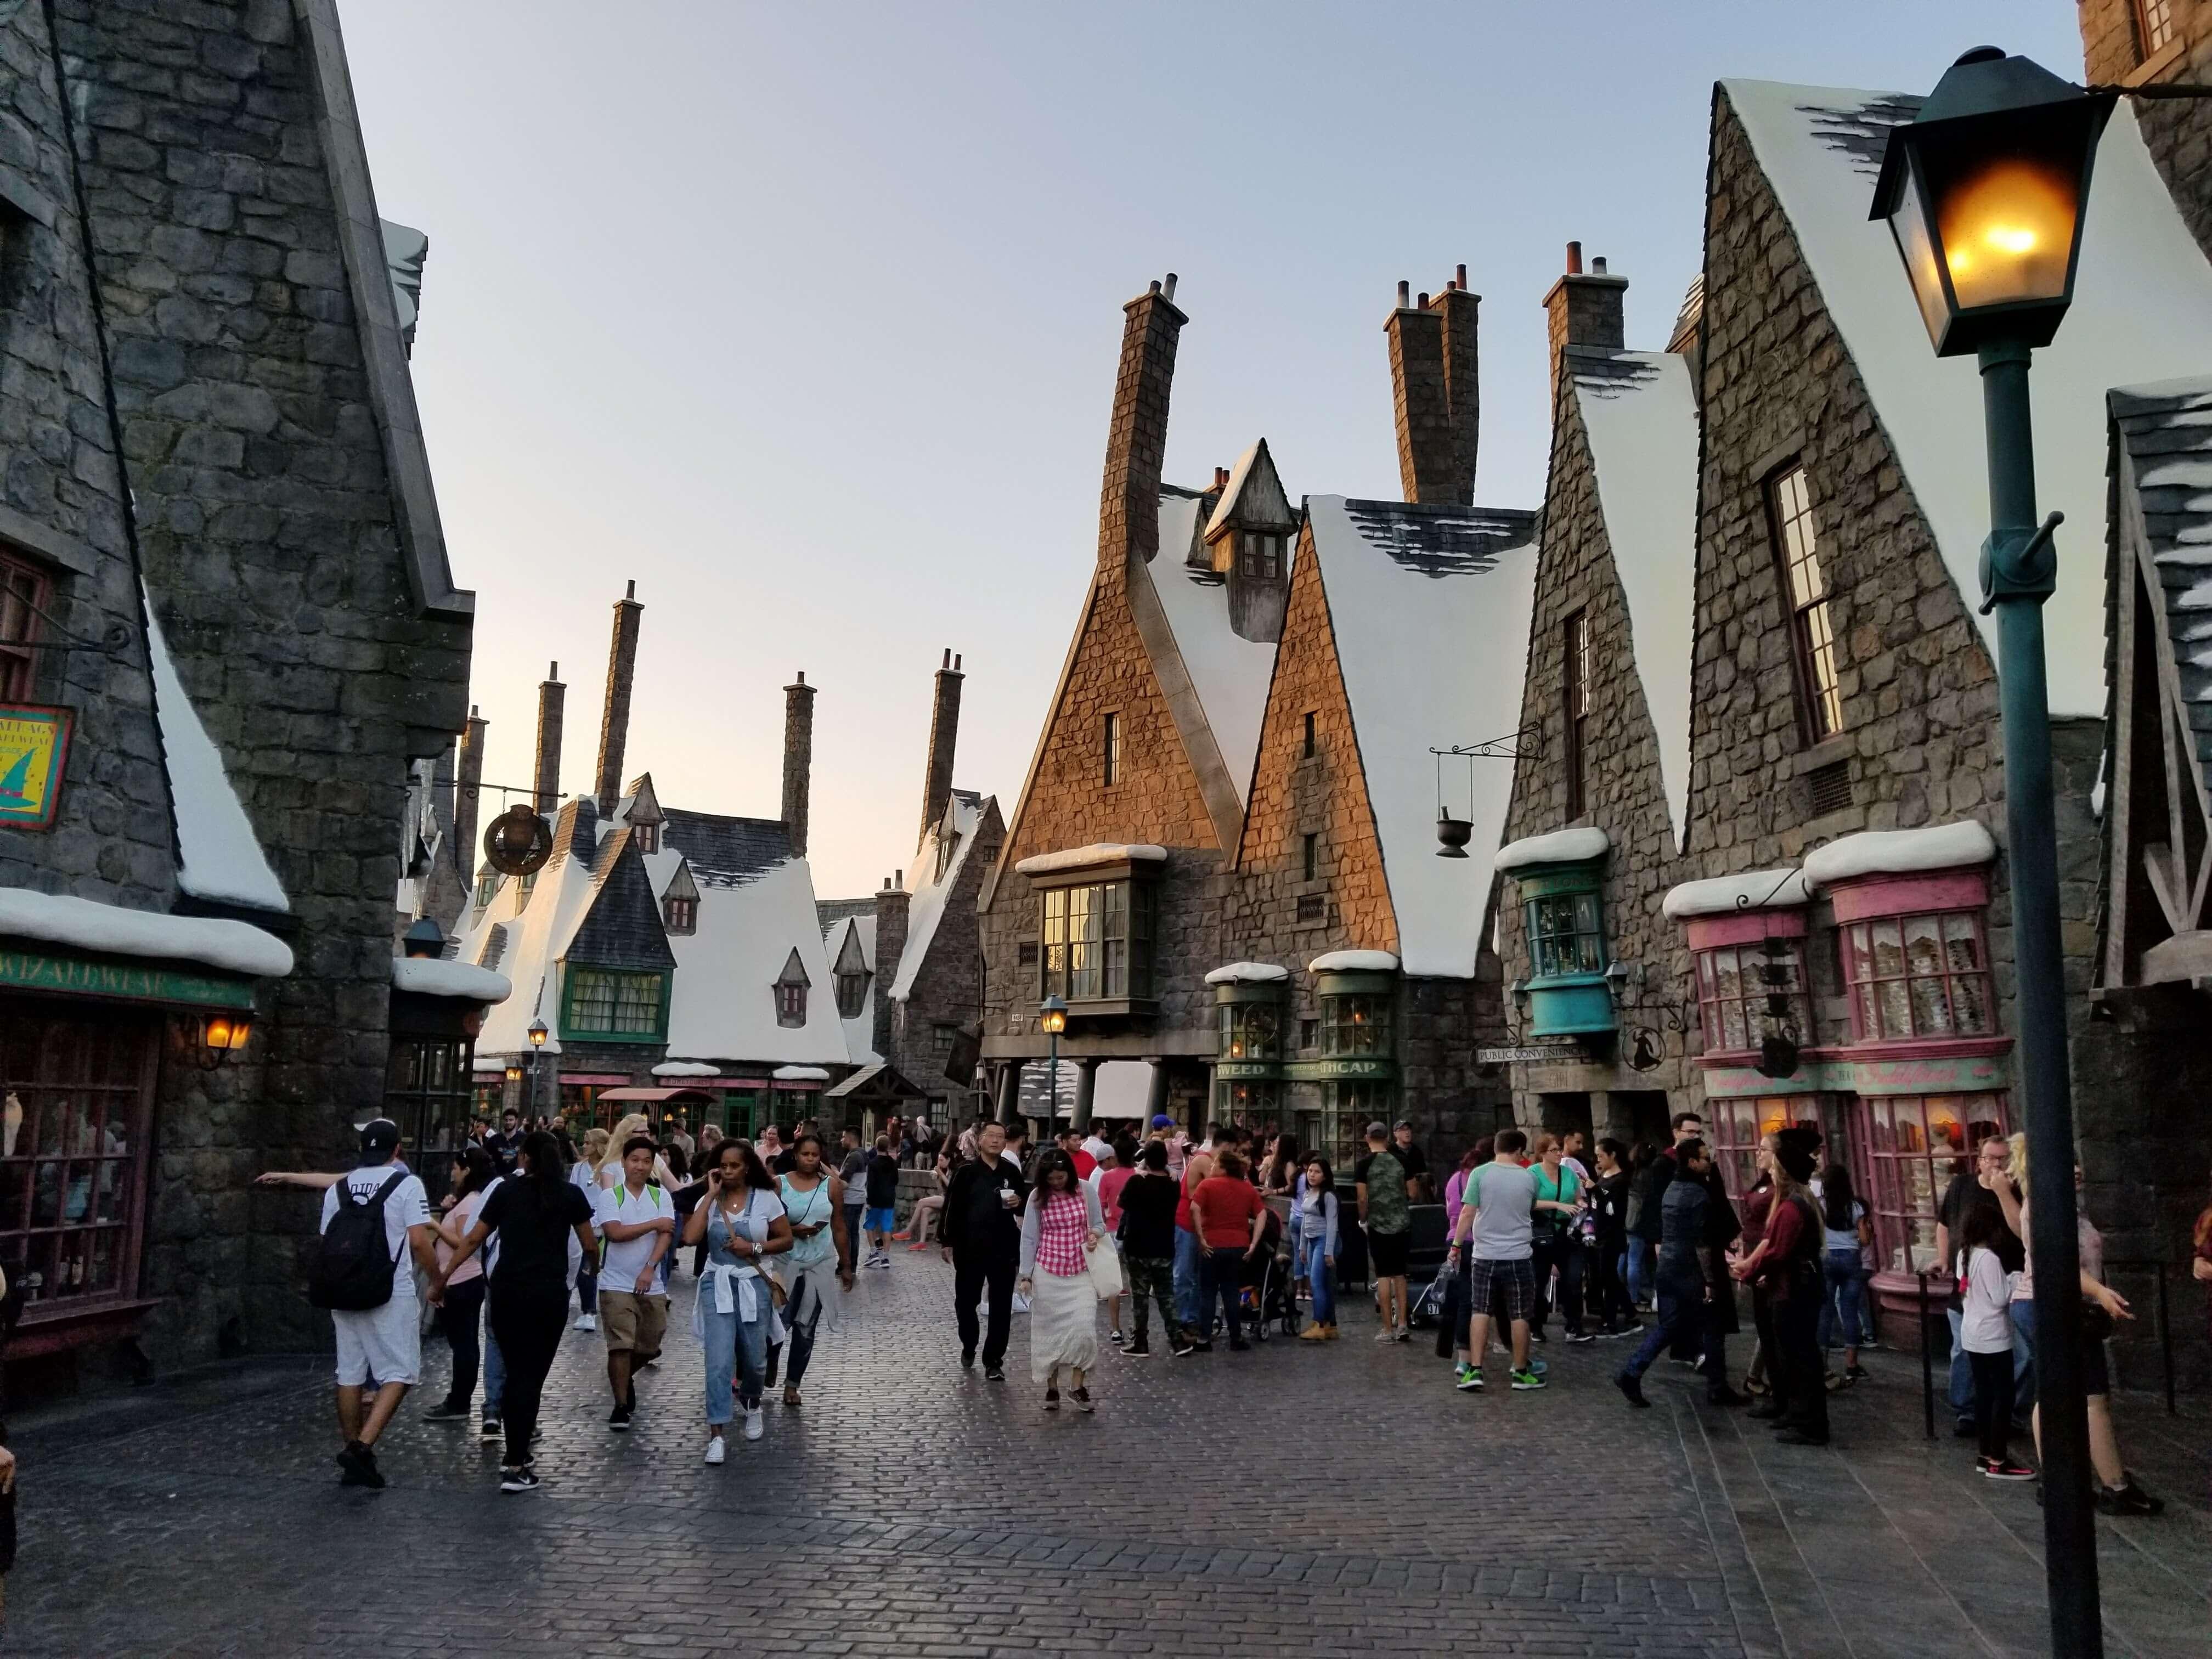 ⭐️ Harry Potter à Universal Studios d'Hollywood ! Sur Goodie Mood, le blog Feel Good d'une française expatriée à Los Angeles. #universalstudios #hollywood #californie #expat #LosAngeles #Attraction #Parc #HarryPotter